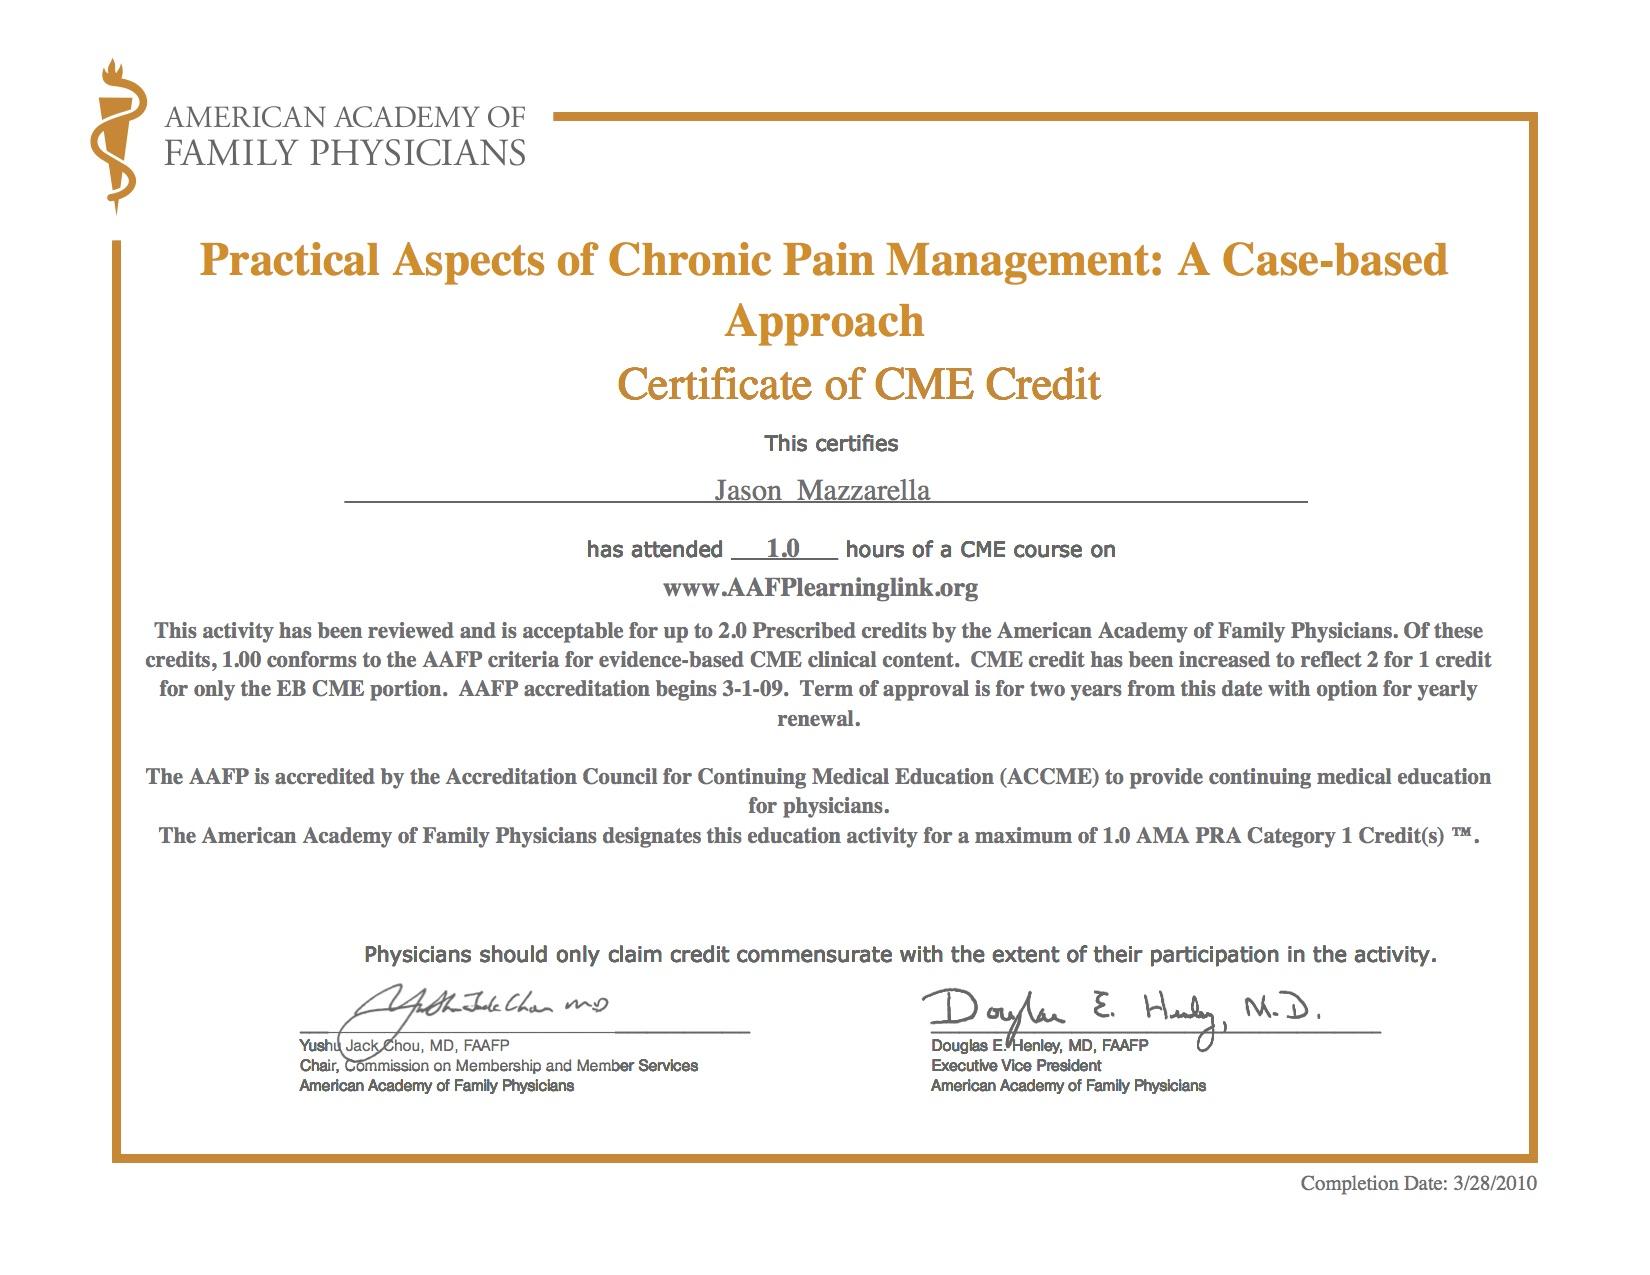 AAFM.certificate.5